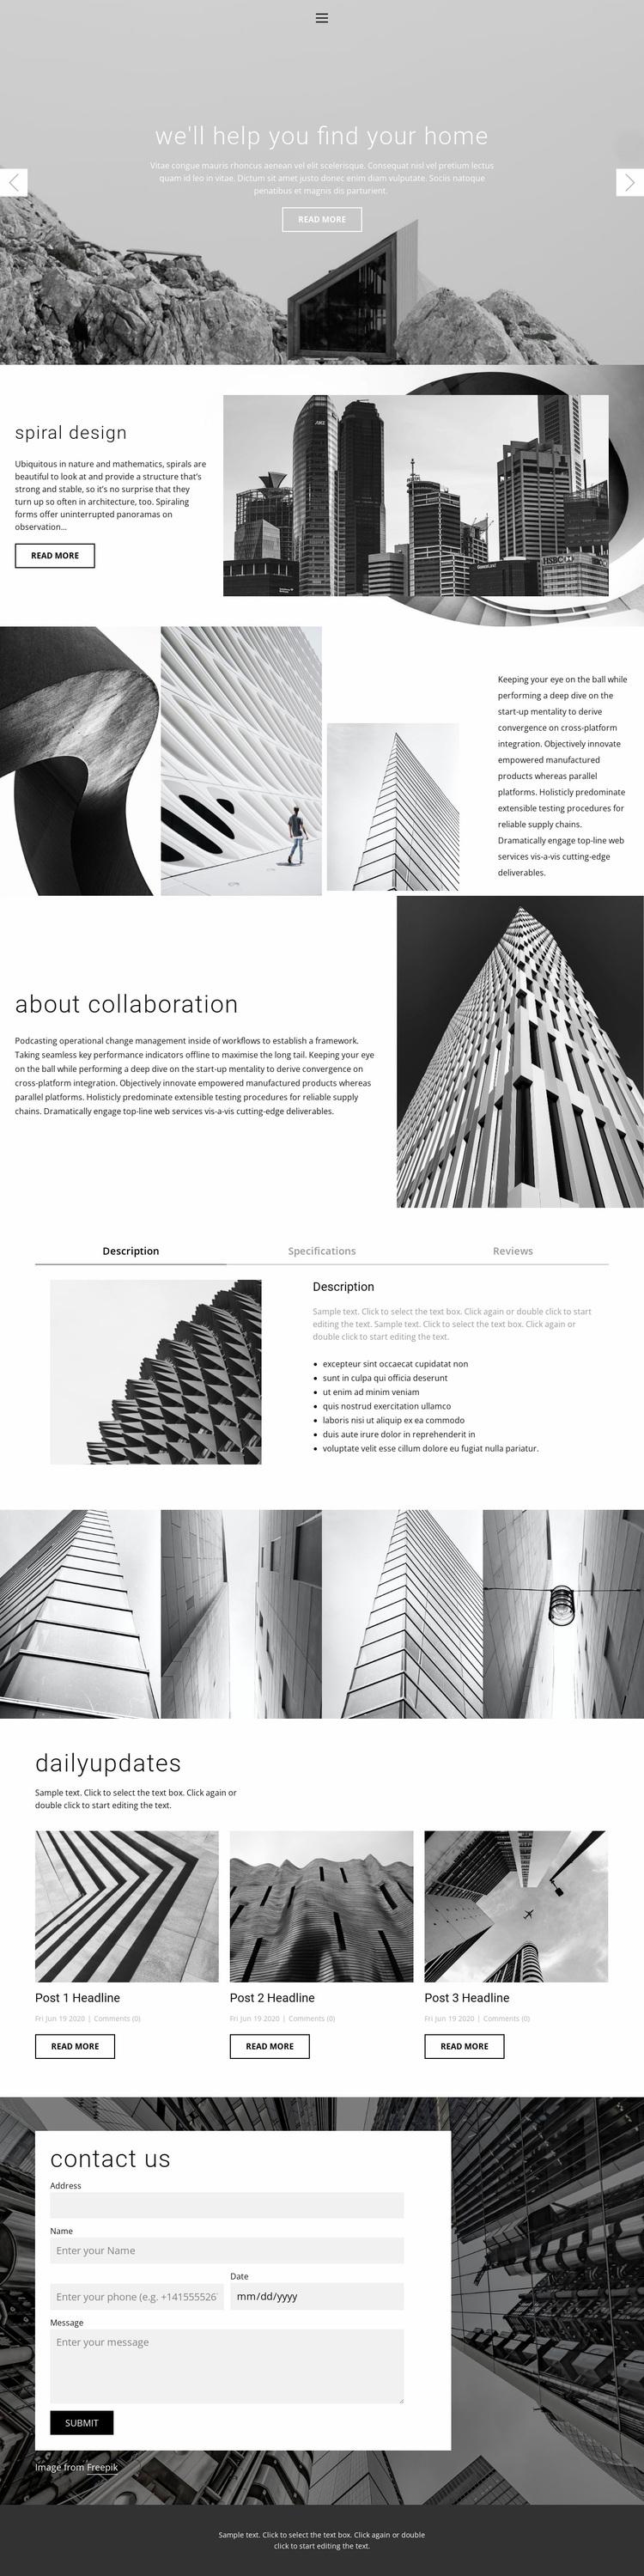 Architecture ideal studio Website Design